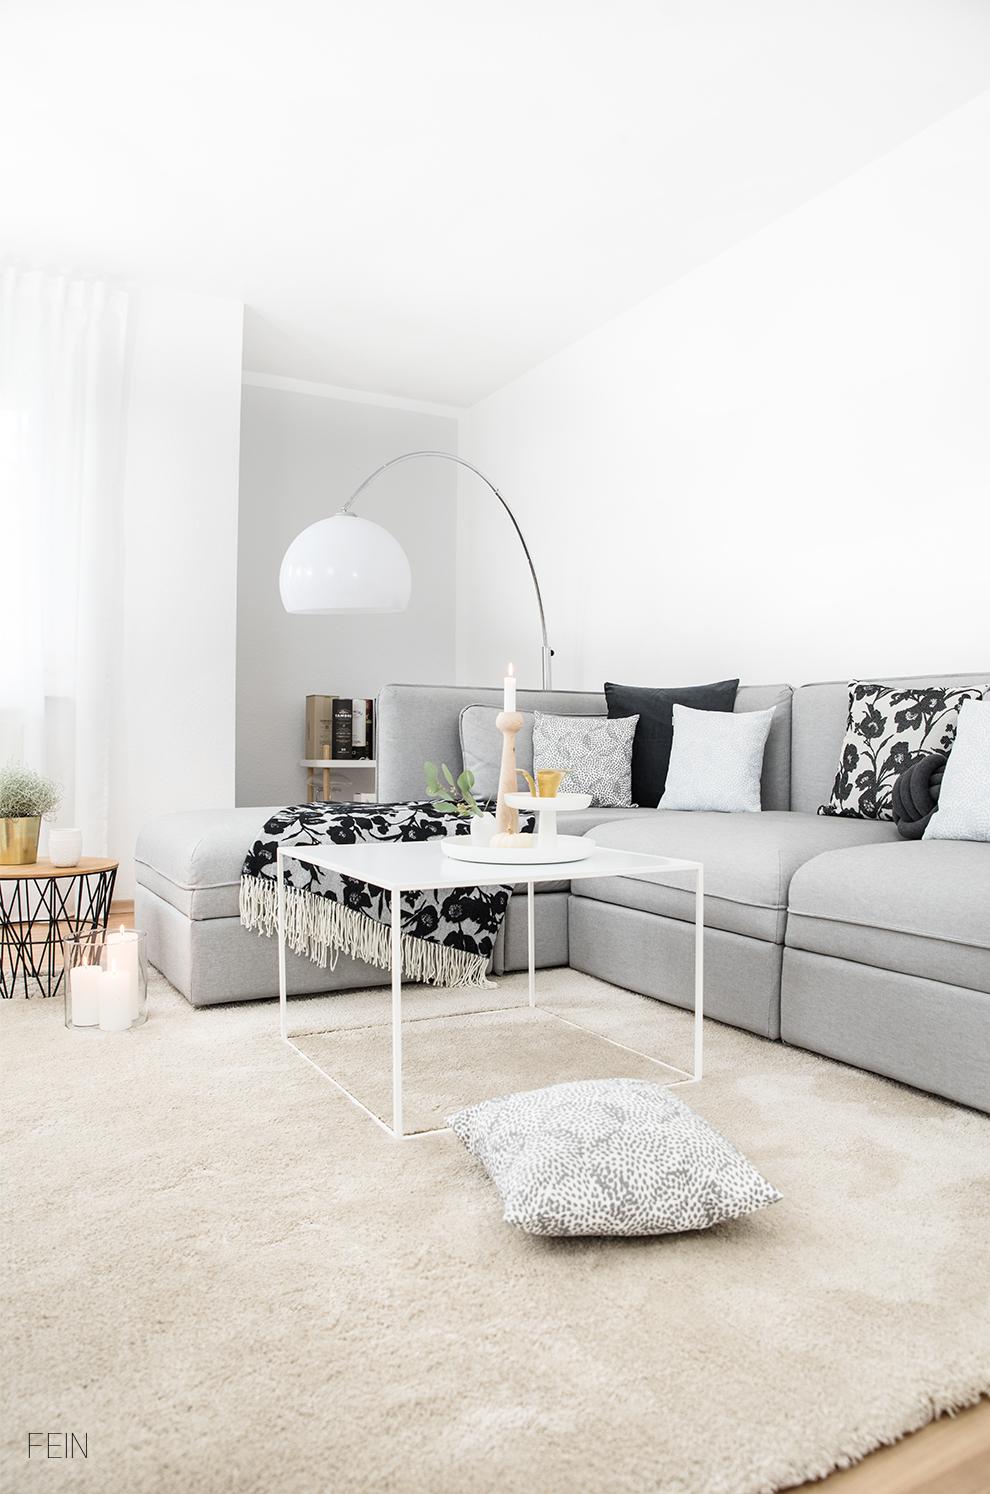 Heimtextilien Herbstdeko Trend Interior Wohnzimmer